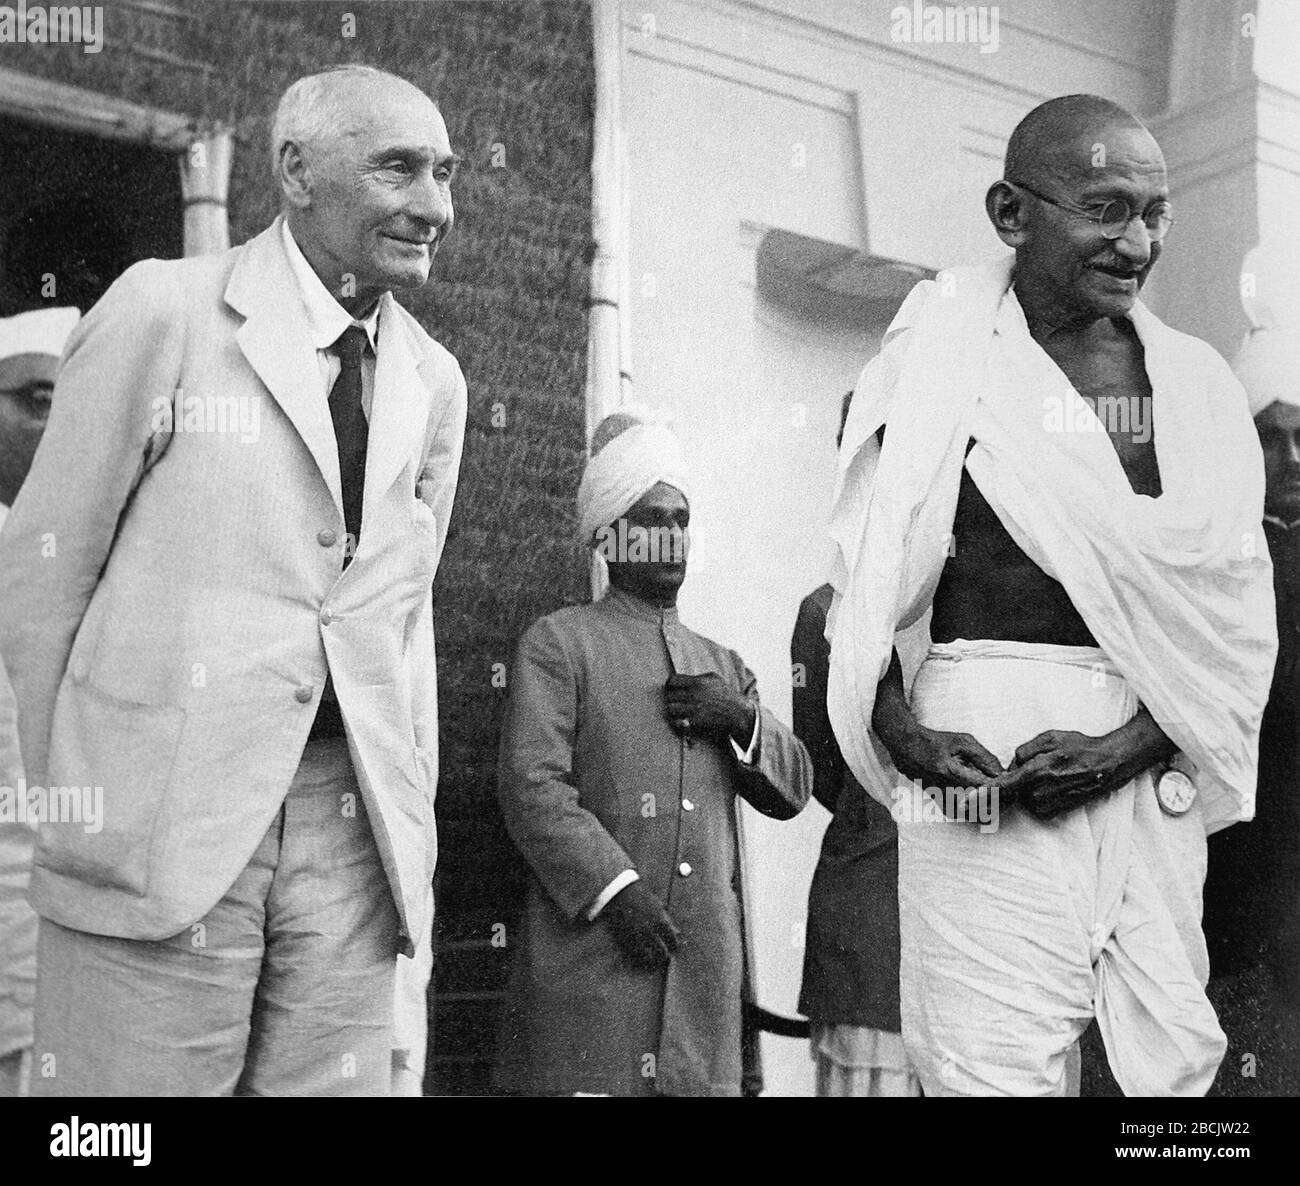 """""""Lord Pethic-Lawrence et Mahatma Gandhi; Anglais: Lord Pethick-Lawrence, Secrétaire d'Etat britannique pour l'Inde, et Mahatma Gandhi photographié comme ce dernier partir après une interview, Delhi, 18 avril 1946; 18 avril 1946date QS:P571,+1946-04-1800:00:00Z/11; Gandhi (Q554256), Peter Rüdhahe, 2002; Peter Rüdhi, Peter Rüdhaon, Peter Rühil Banque D'Images"""